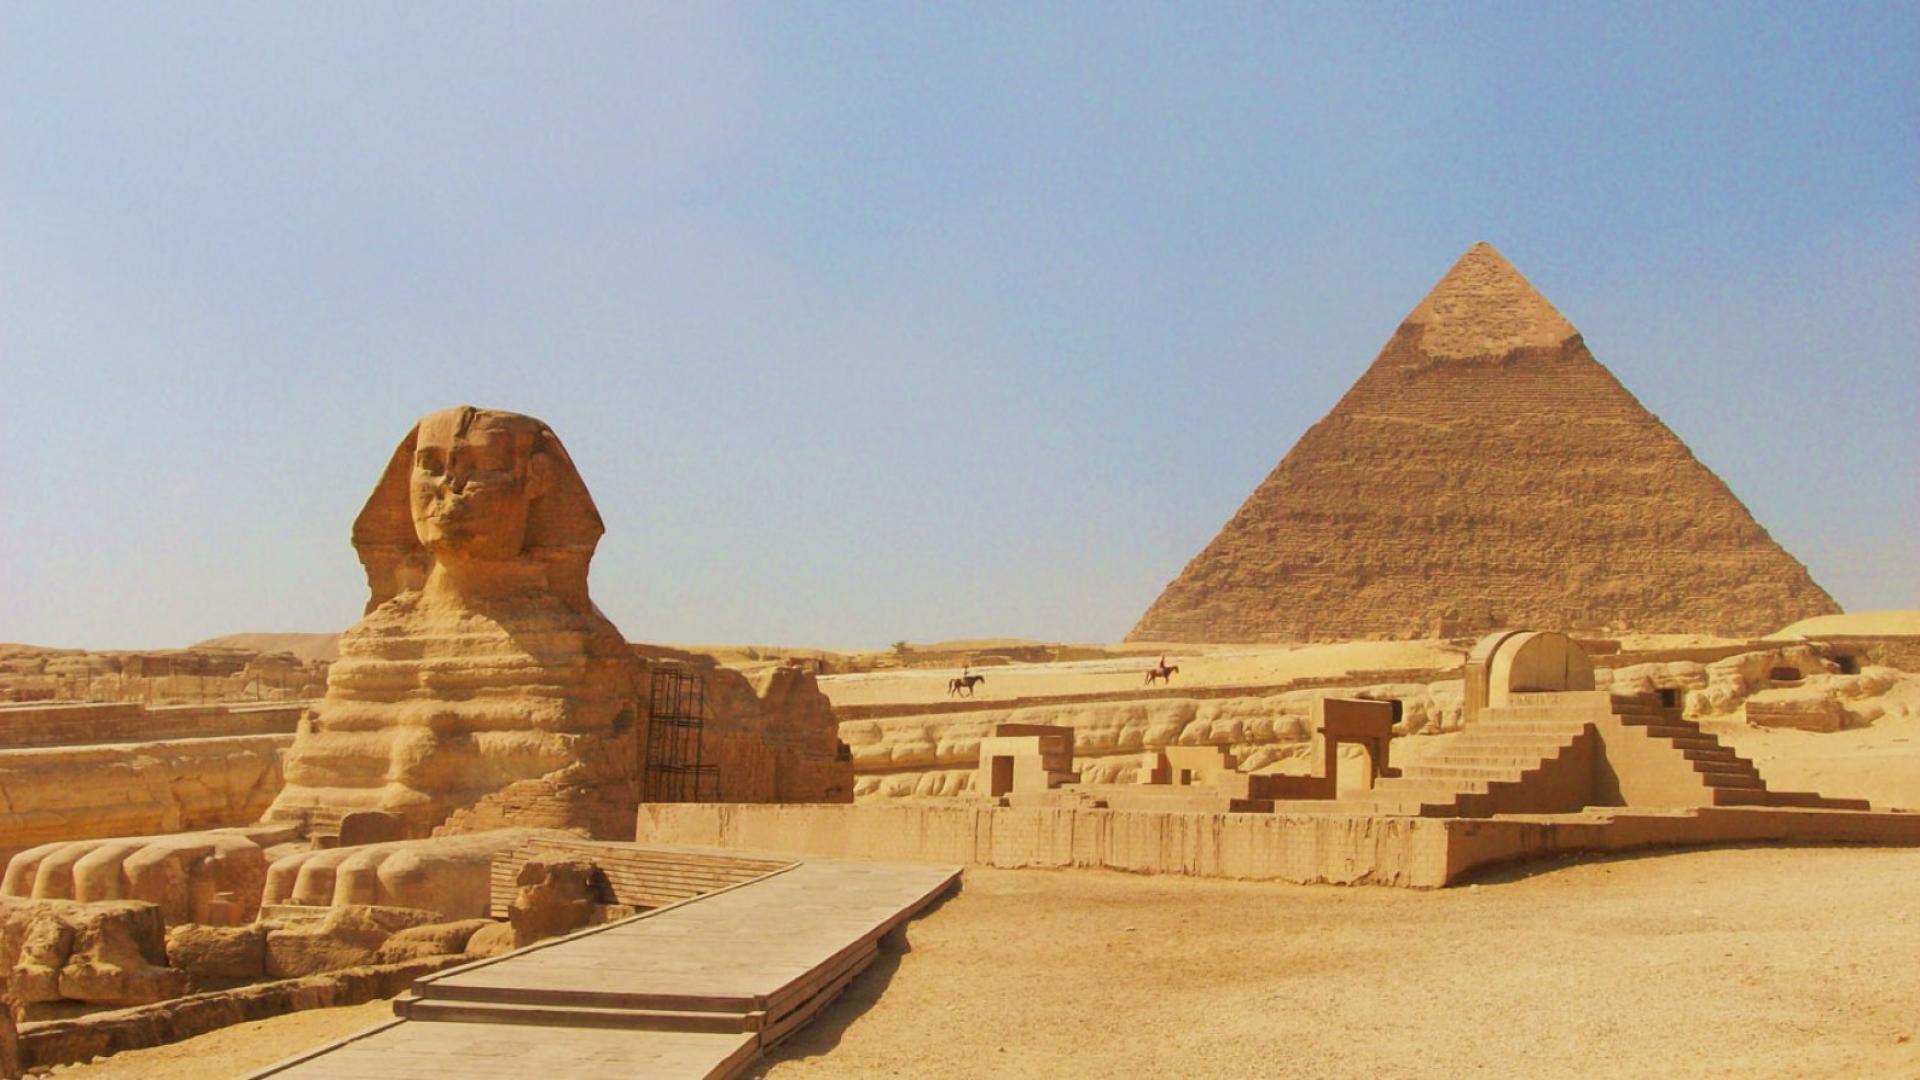 Pyramide et Sphinx de Gizeh, Le Caire, Égypte.